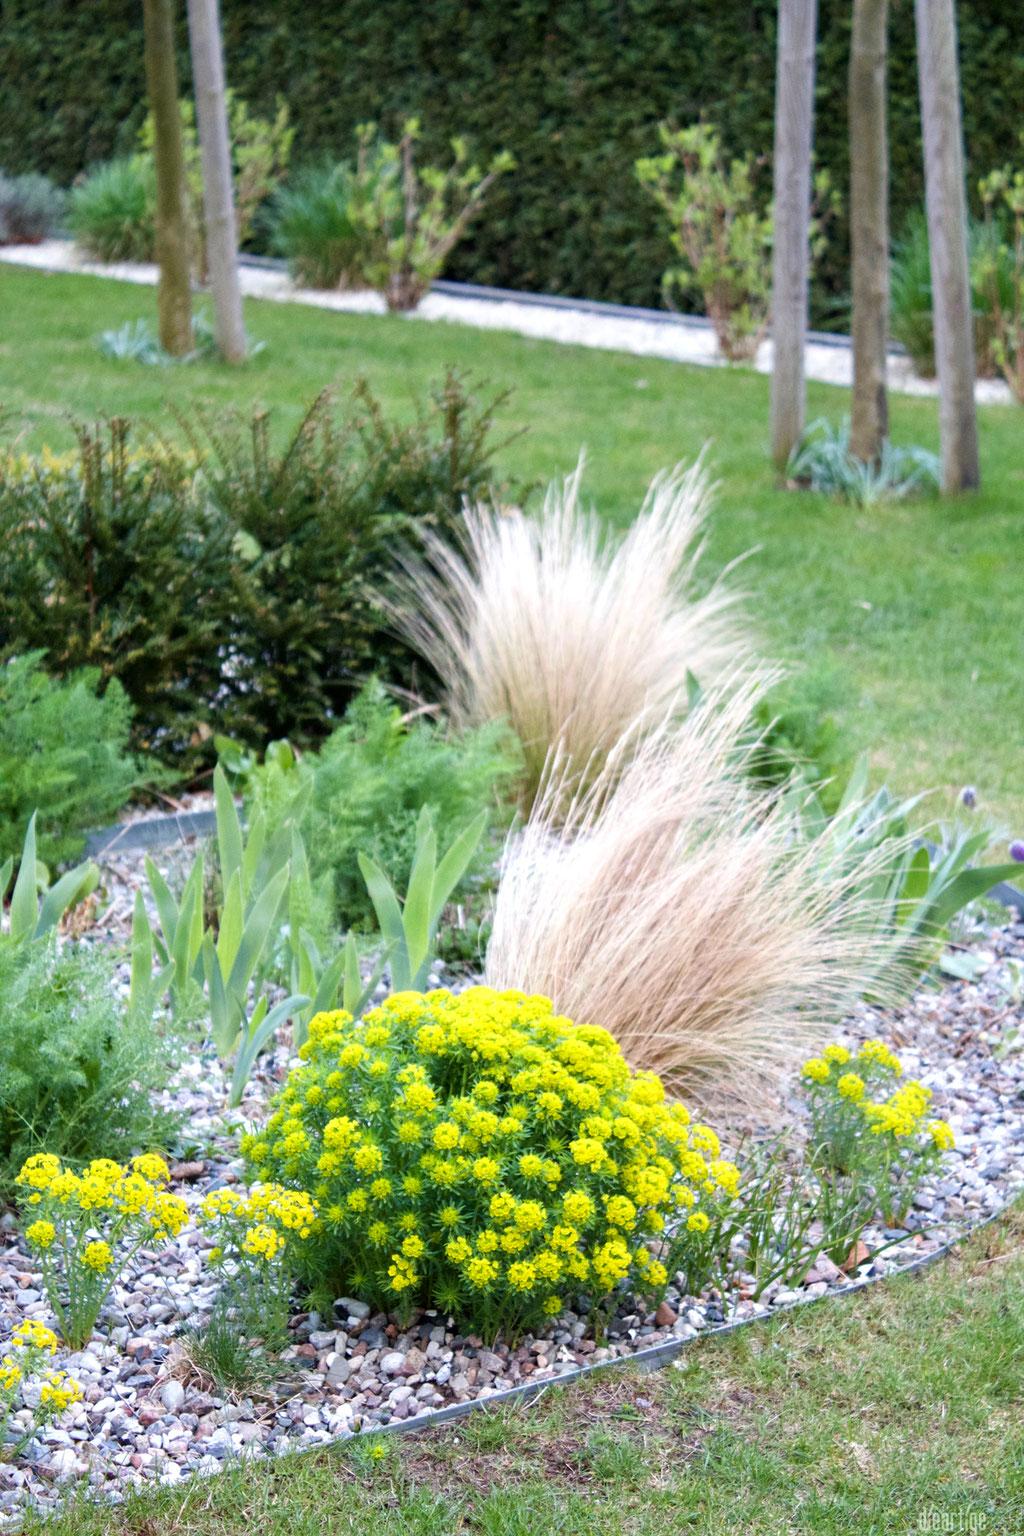 dieartigeGARTEN - Kiesgarten mit Federgras + Zypressenwolfsmilch